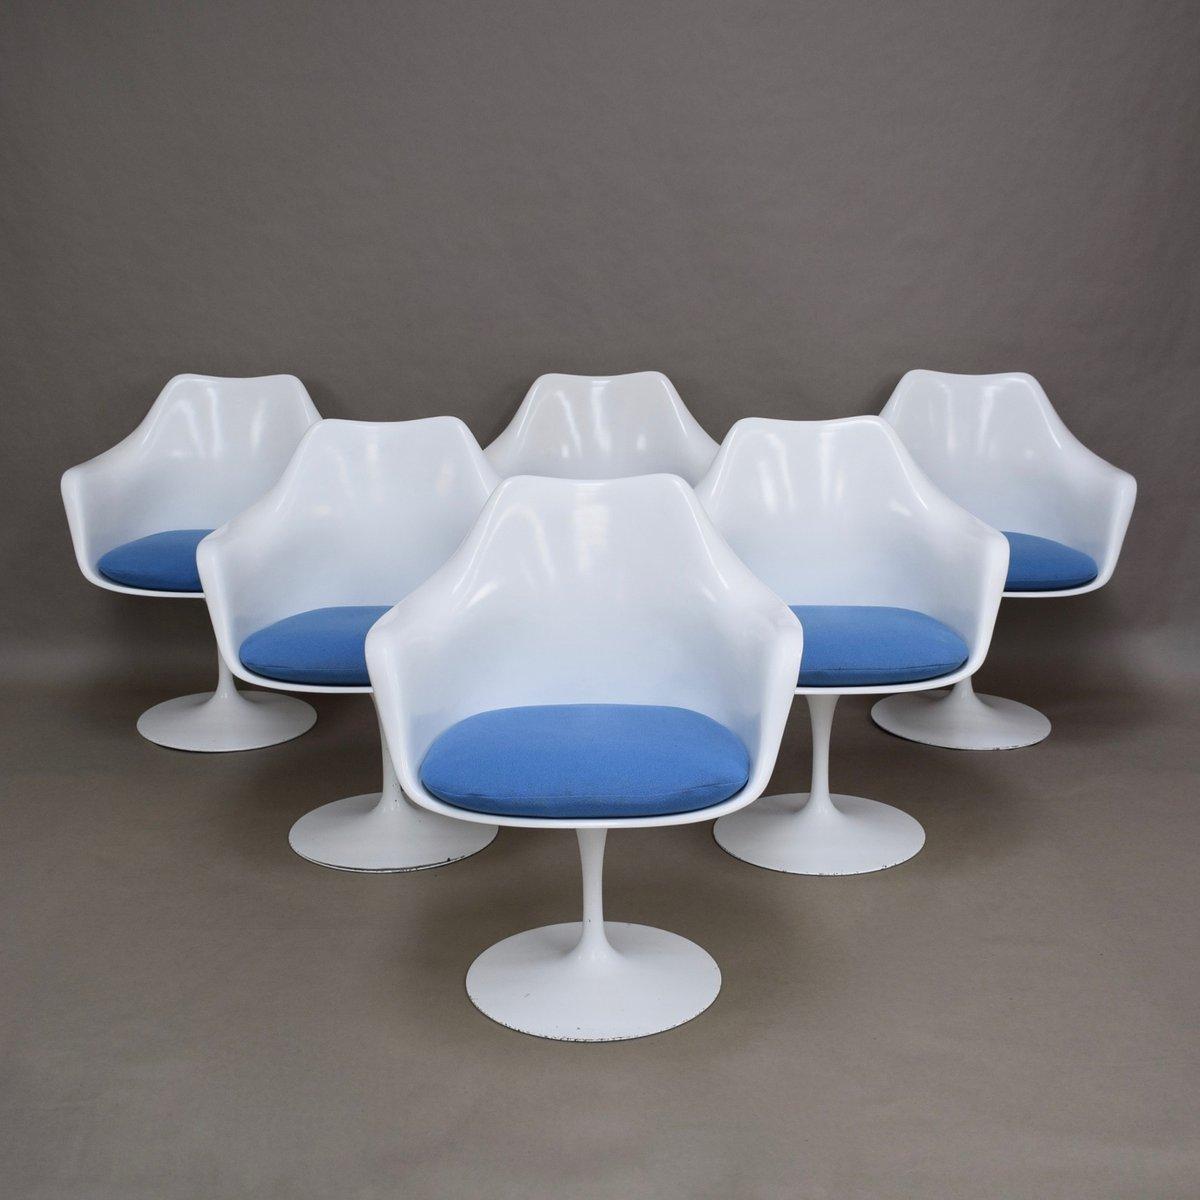 Vintage American Tulip Chairs By Eero Saarinen For Knoll, Set Of 6